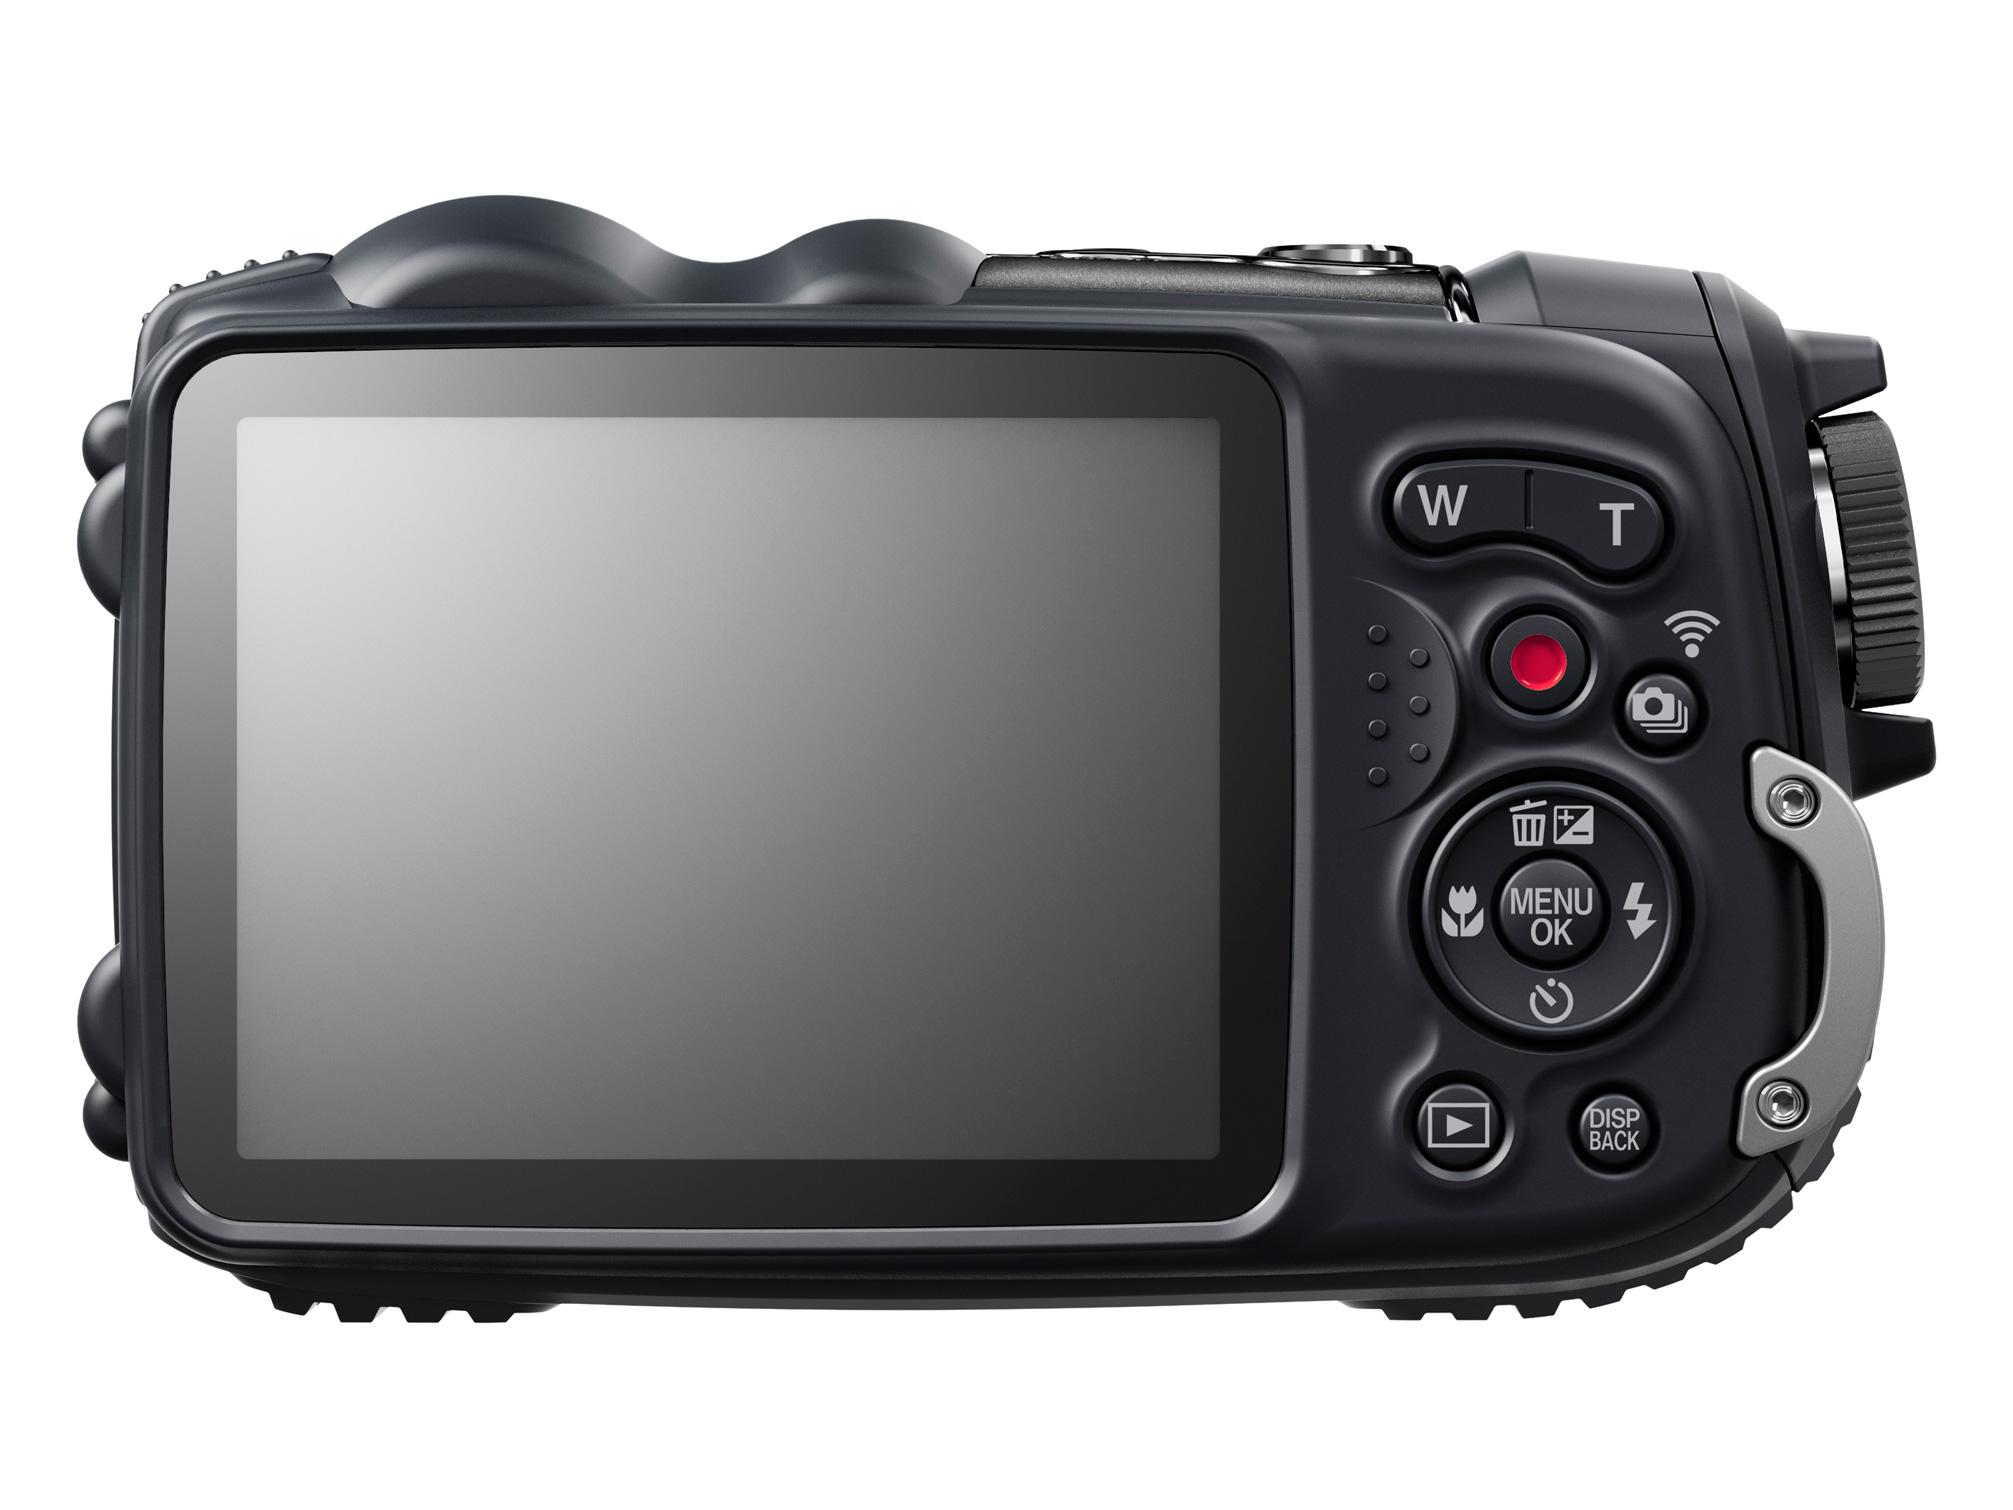 Fujifilm Finepix Xp200 Price Specs Release Date Where